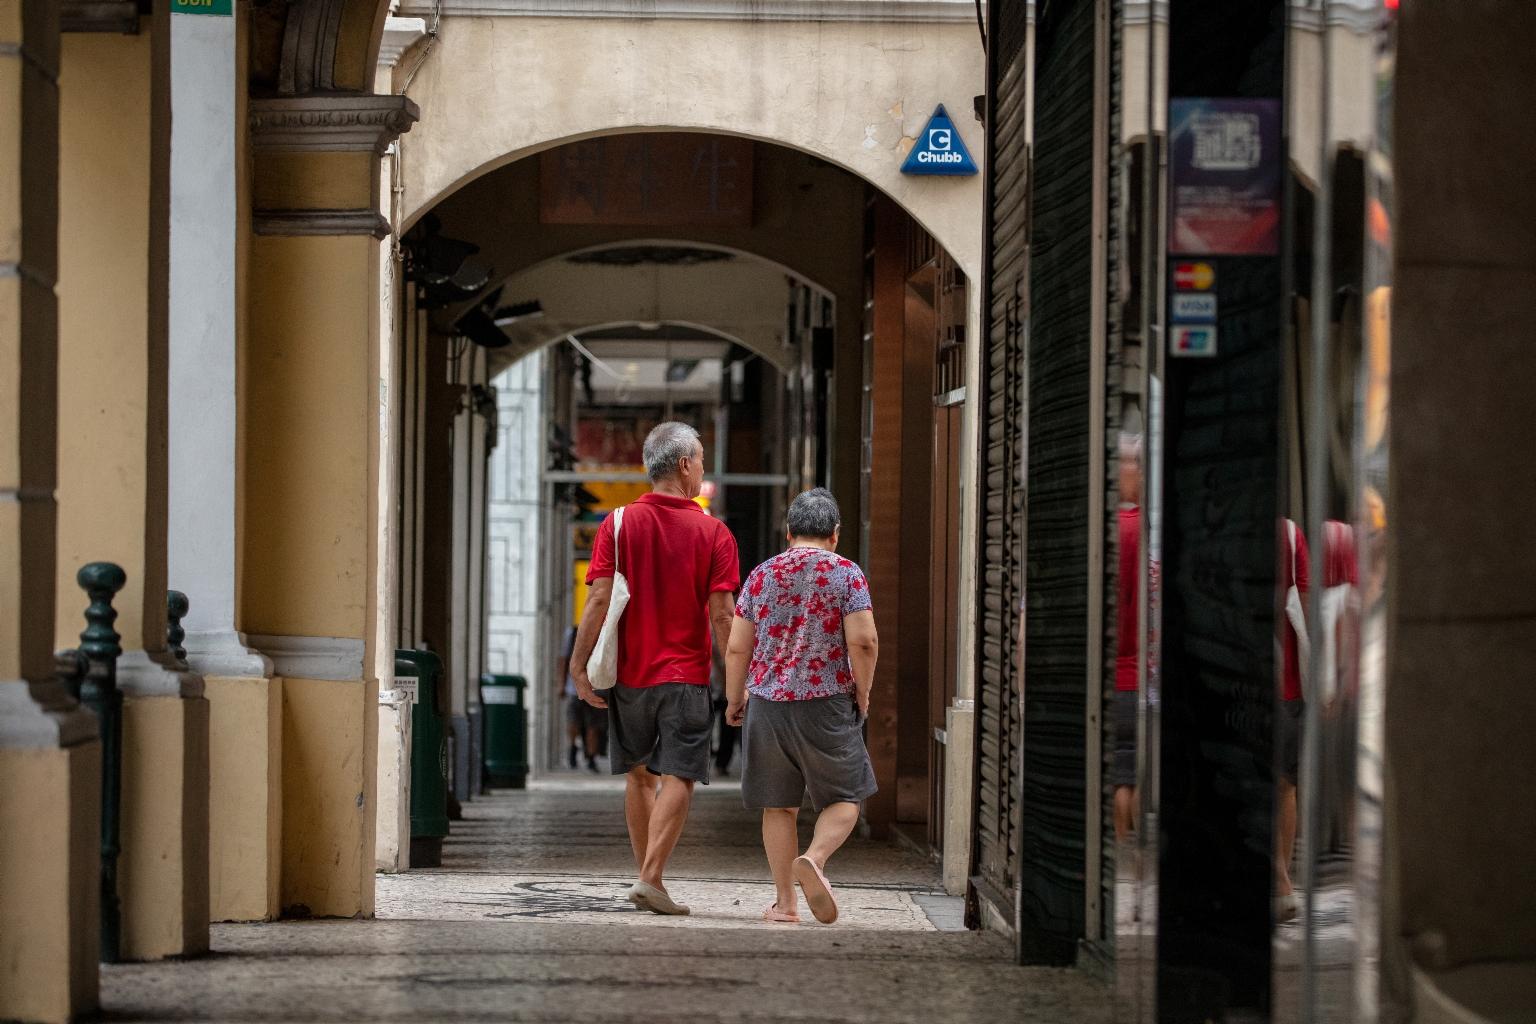 新馬路,每日早上在新馬路散步的夫婦